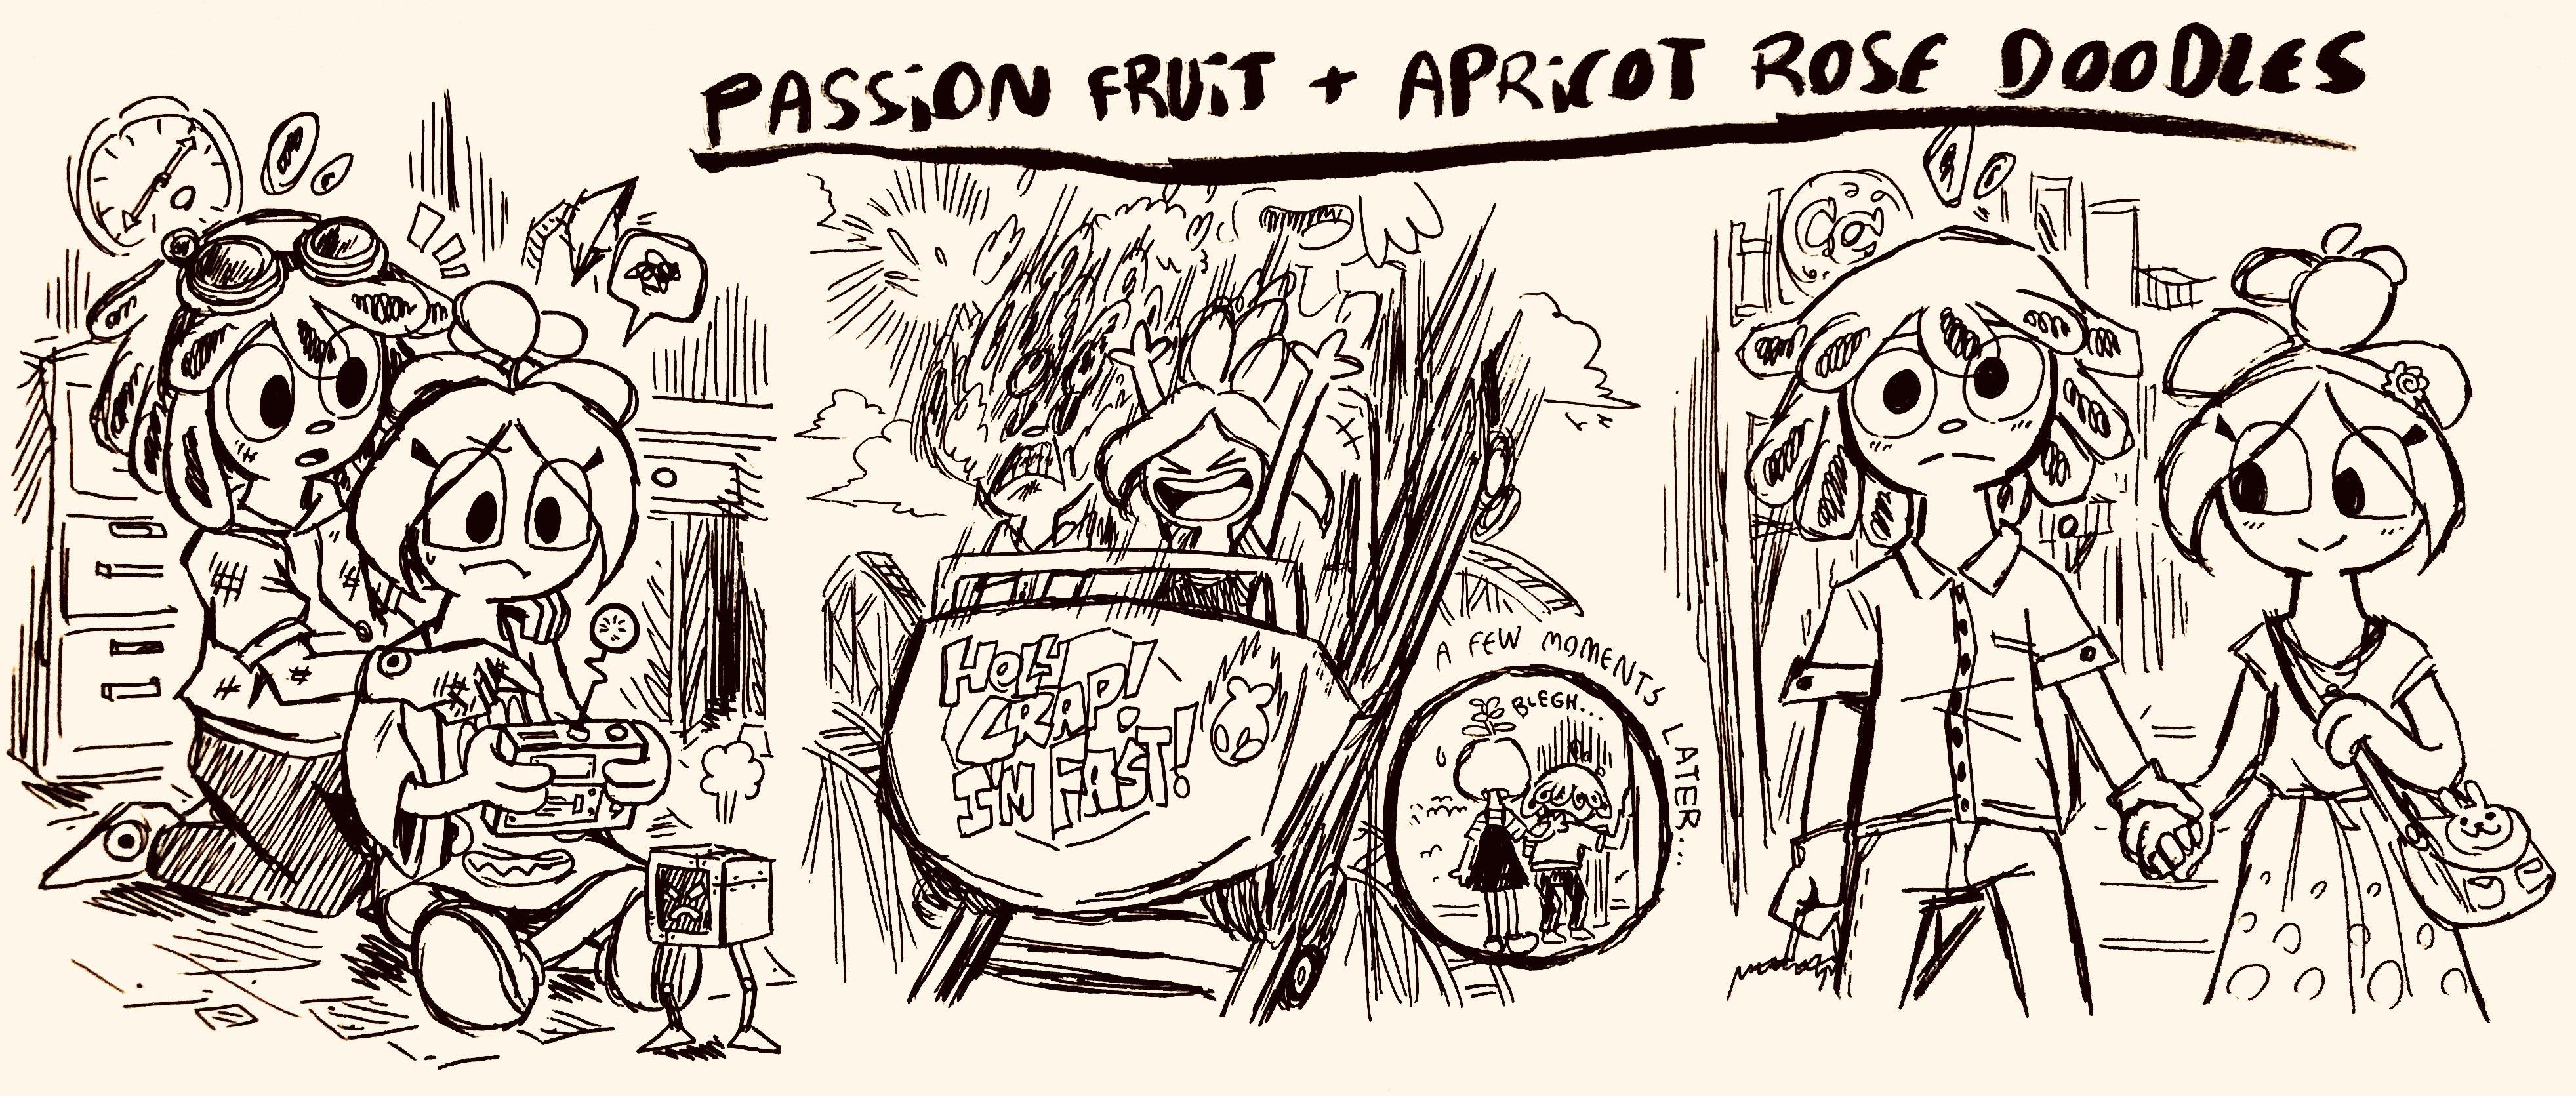 .:Fruit Salad:. Passion Fruit + Apricot Doodles